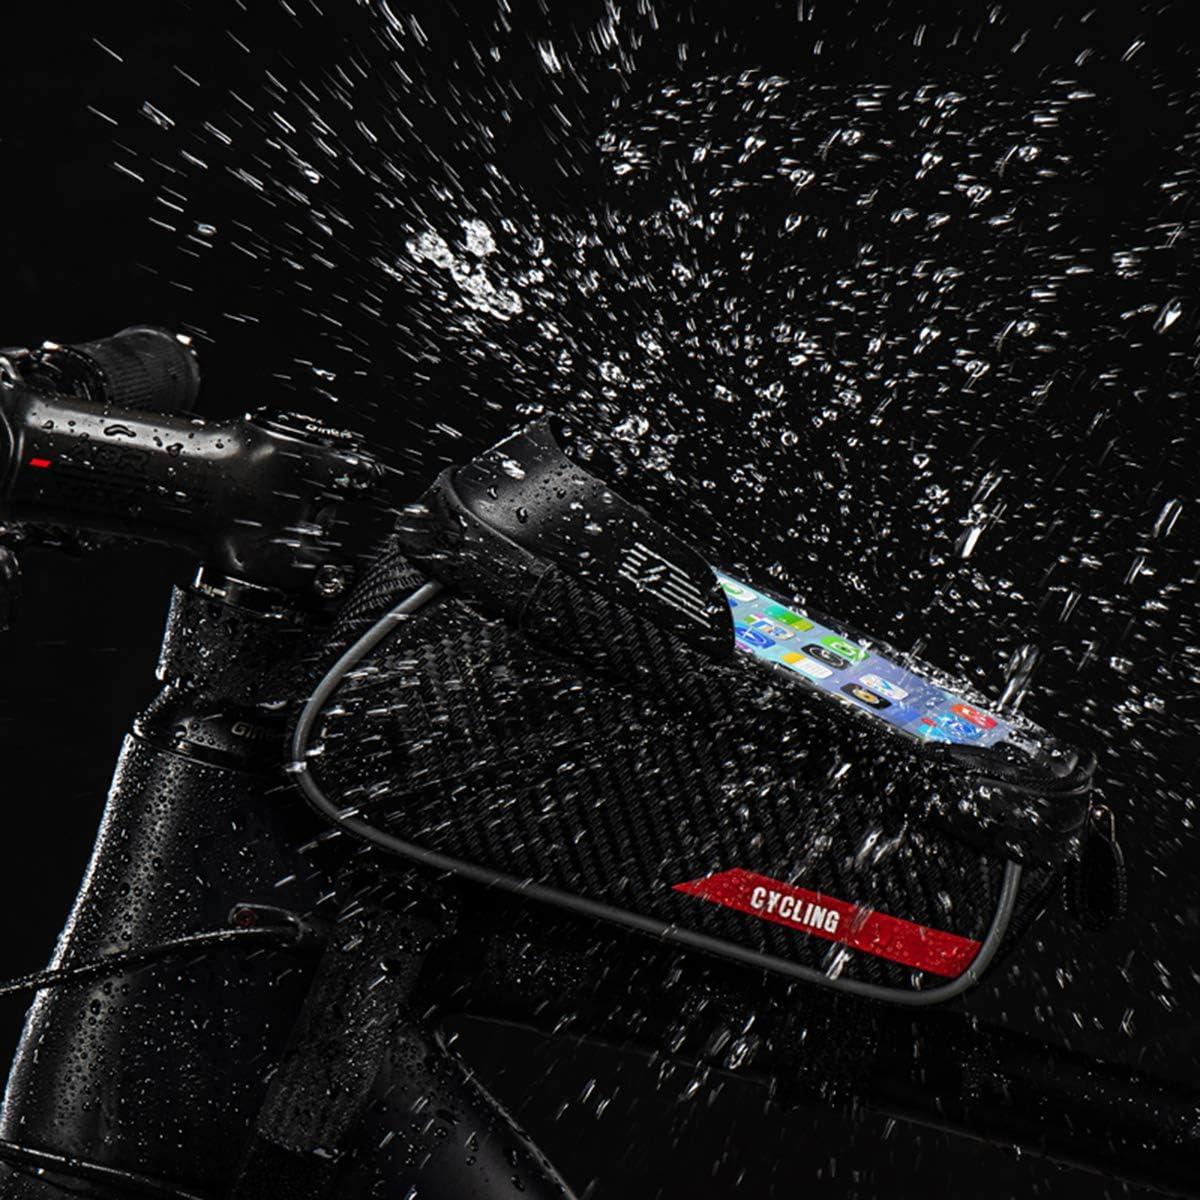 Bolsa impermeable para bicicleta con pantalla t/áctil para tel/éfono de monta/ña HelloCreate